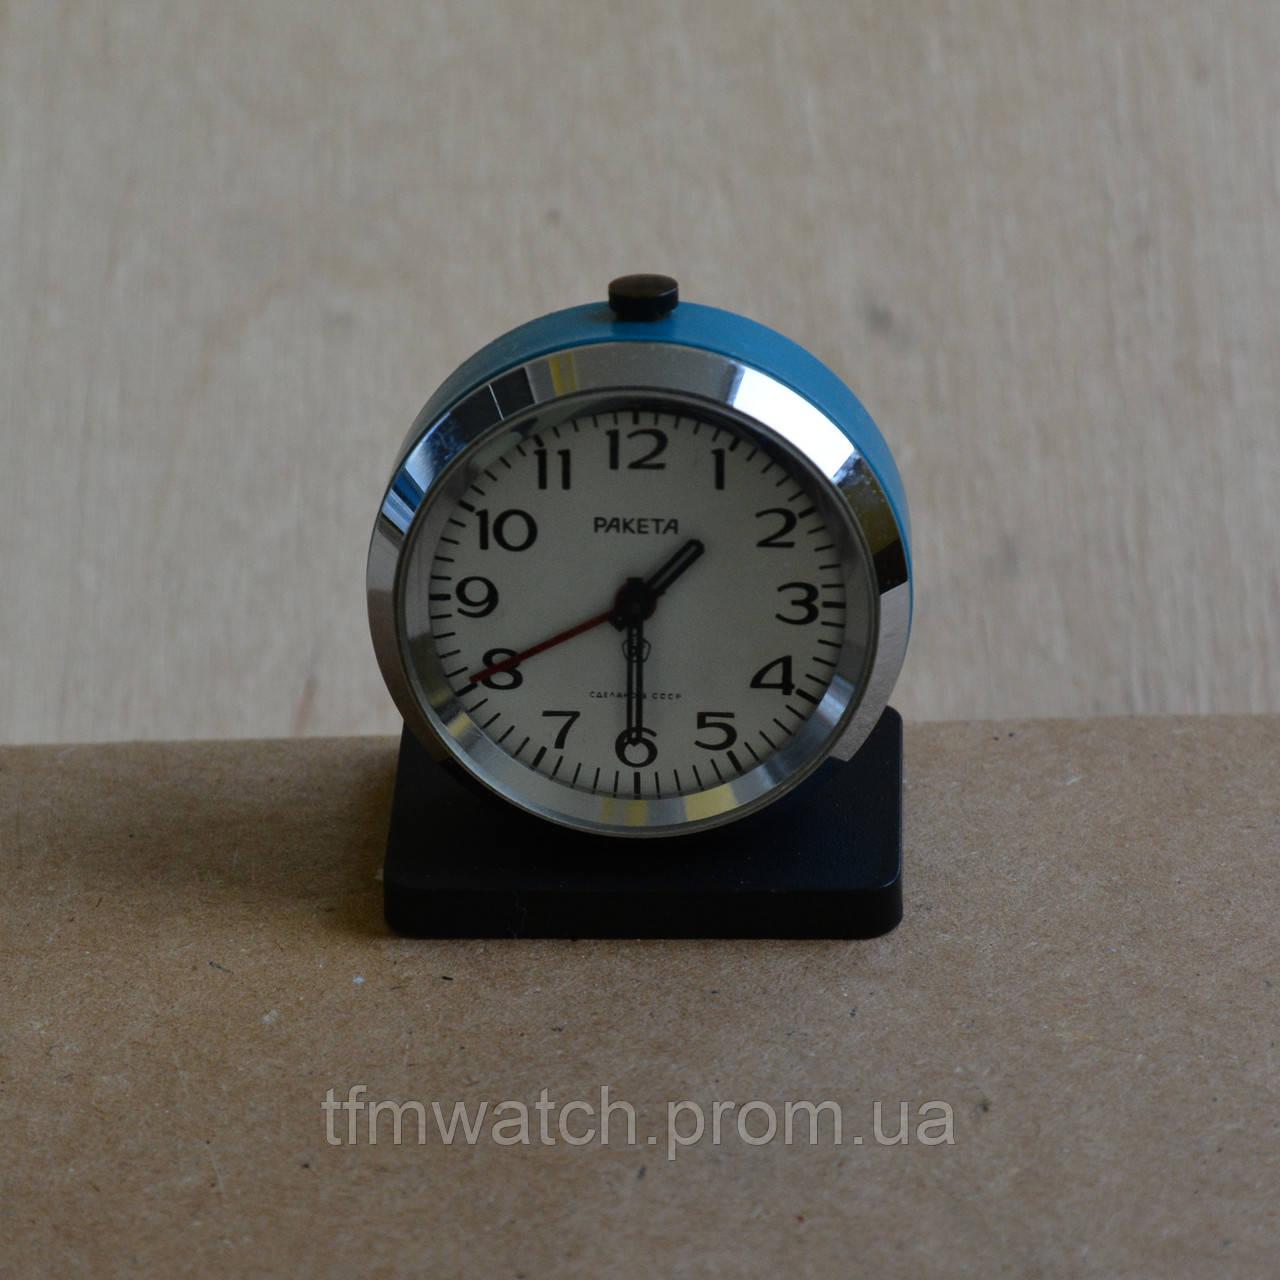 Ссср цены скупка часов будильников самых дорогих часов стоимость